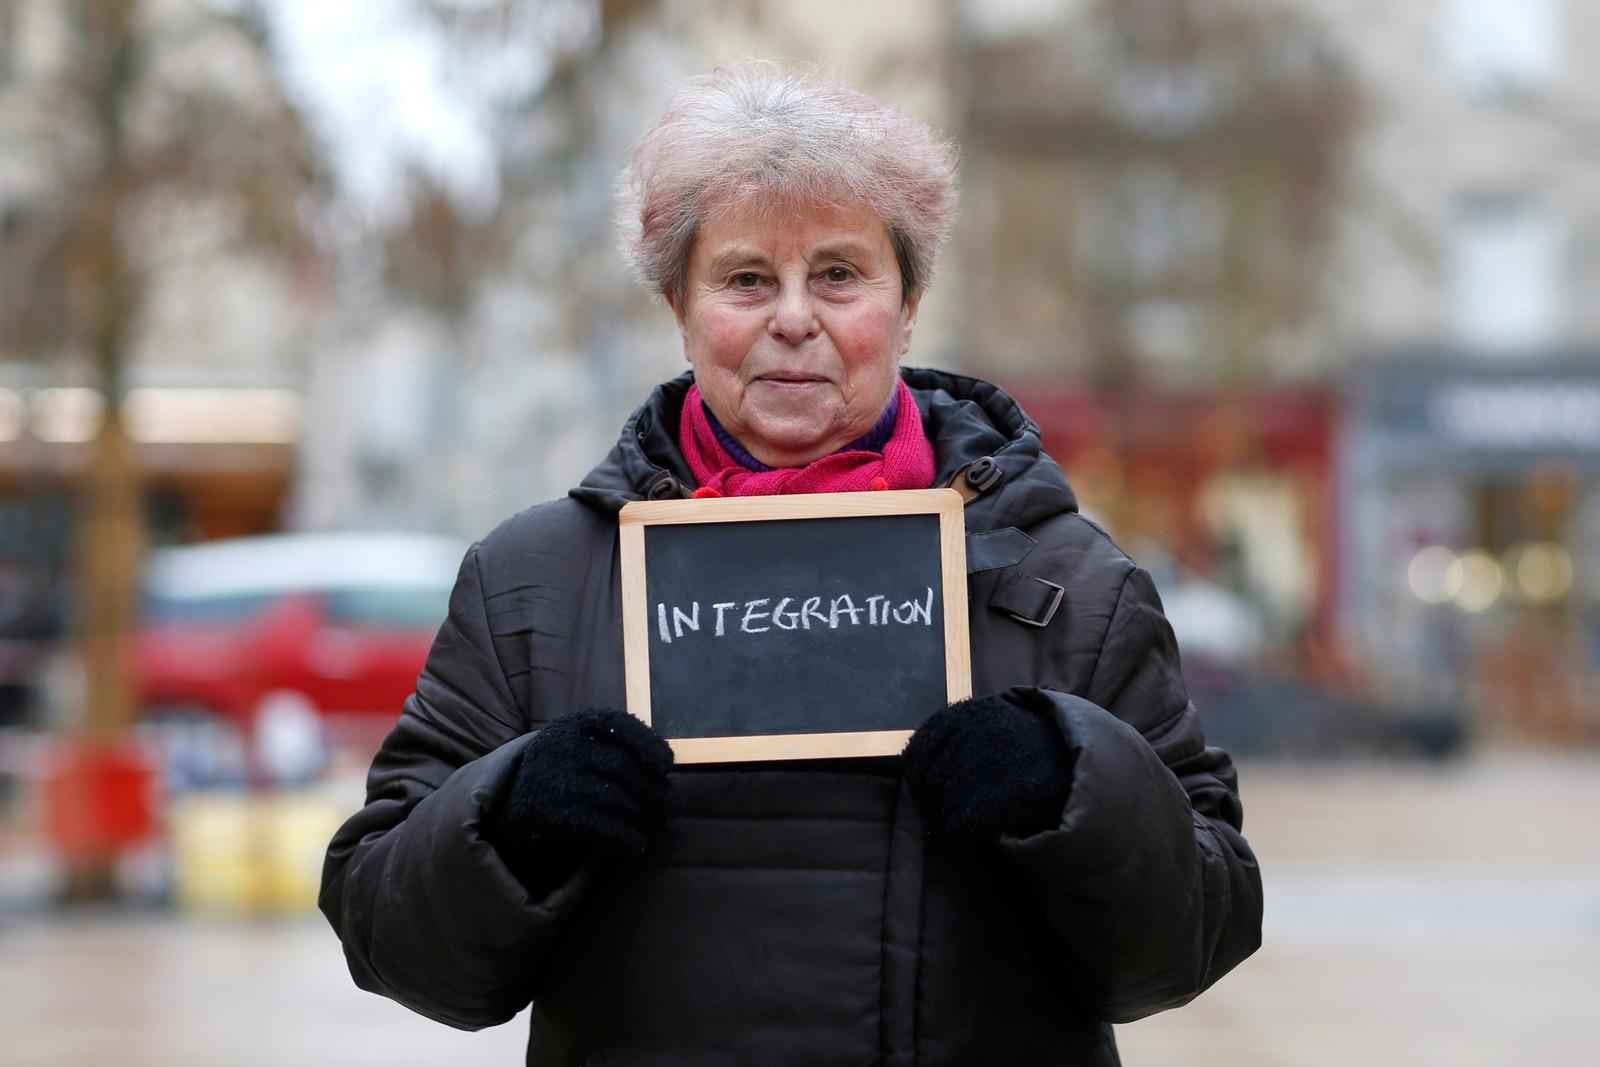 """Marie-Francoise Lagente (77) er pensjonist og ber om et krafttak for integrering. """"Det er noen stemmer som mener at du alltid vil være en utlending dersom du forlater ditt fødeland. Jeg elsker å reise, men jeg tror ikke at vi kan la alle komme til vårt land""""."""